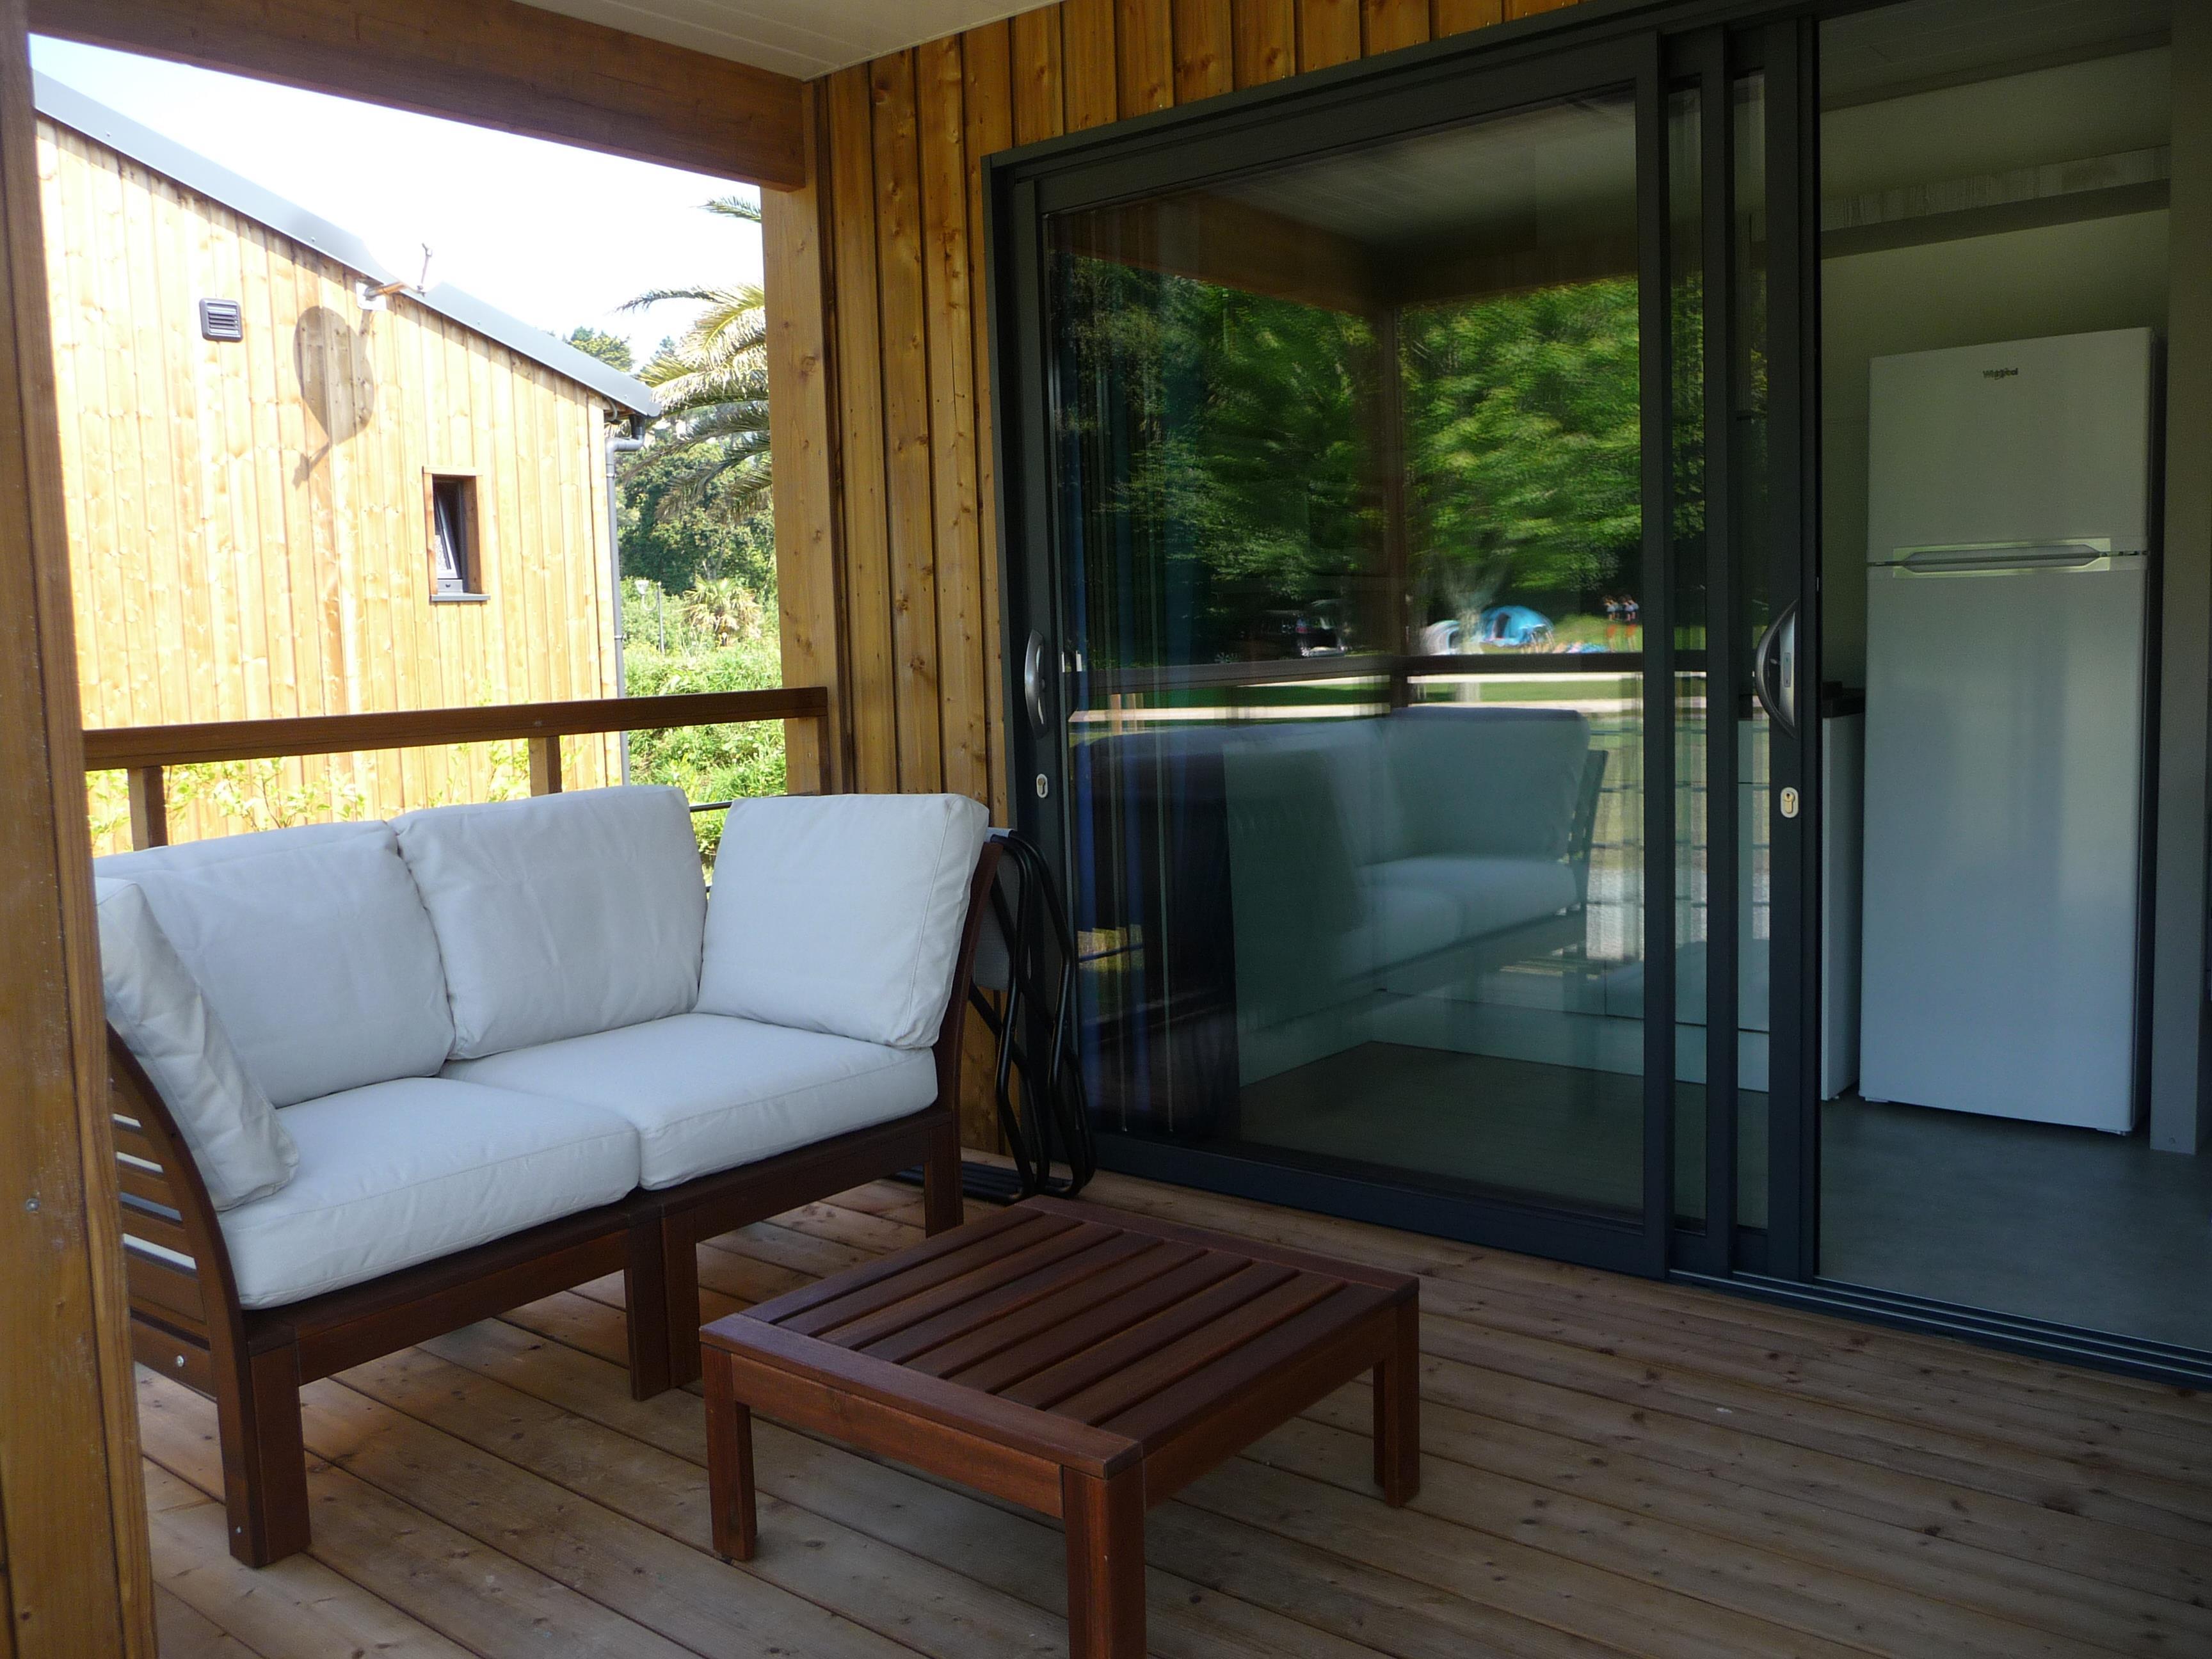 Location - Chalet Premium Plein Air - Domaine de Trestraou